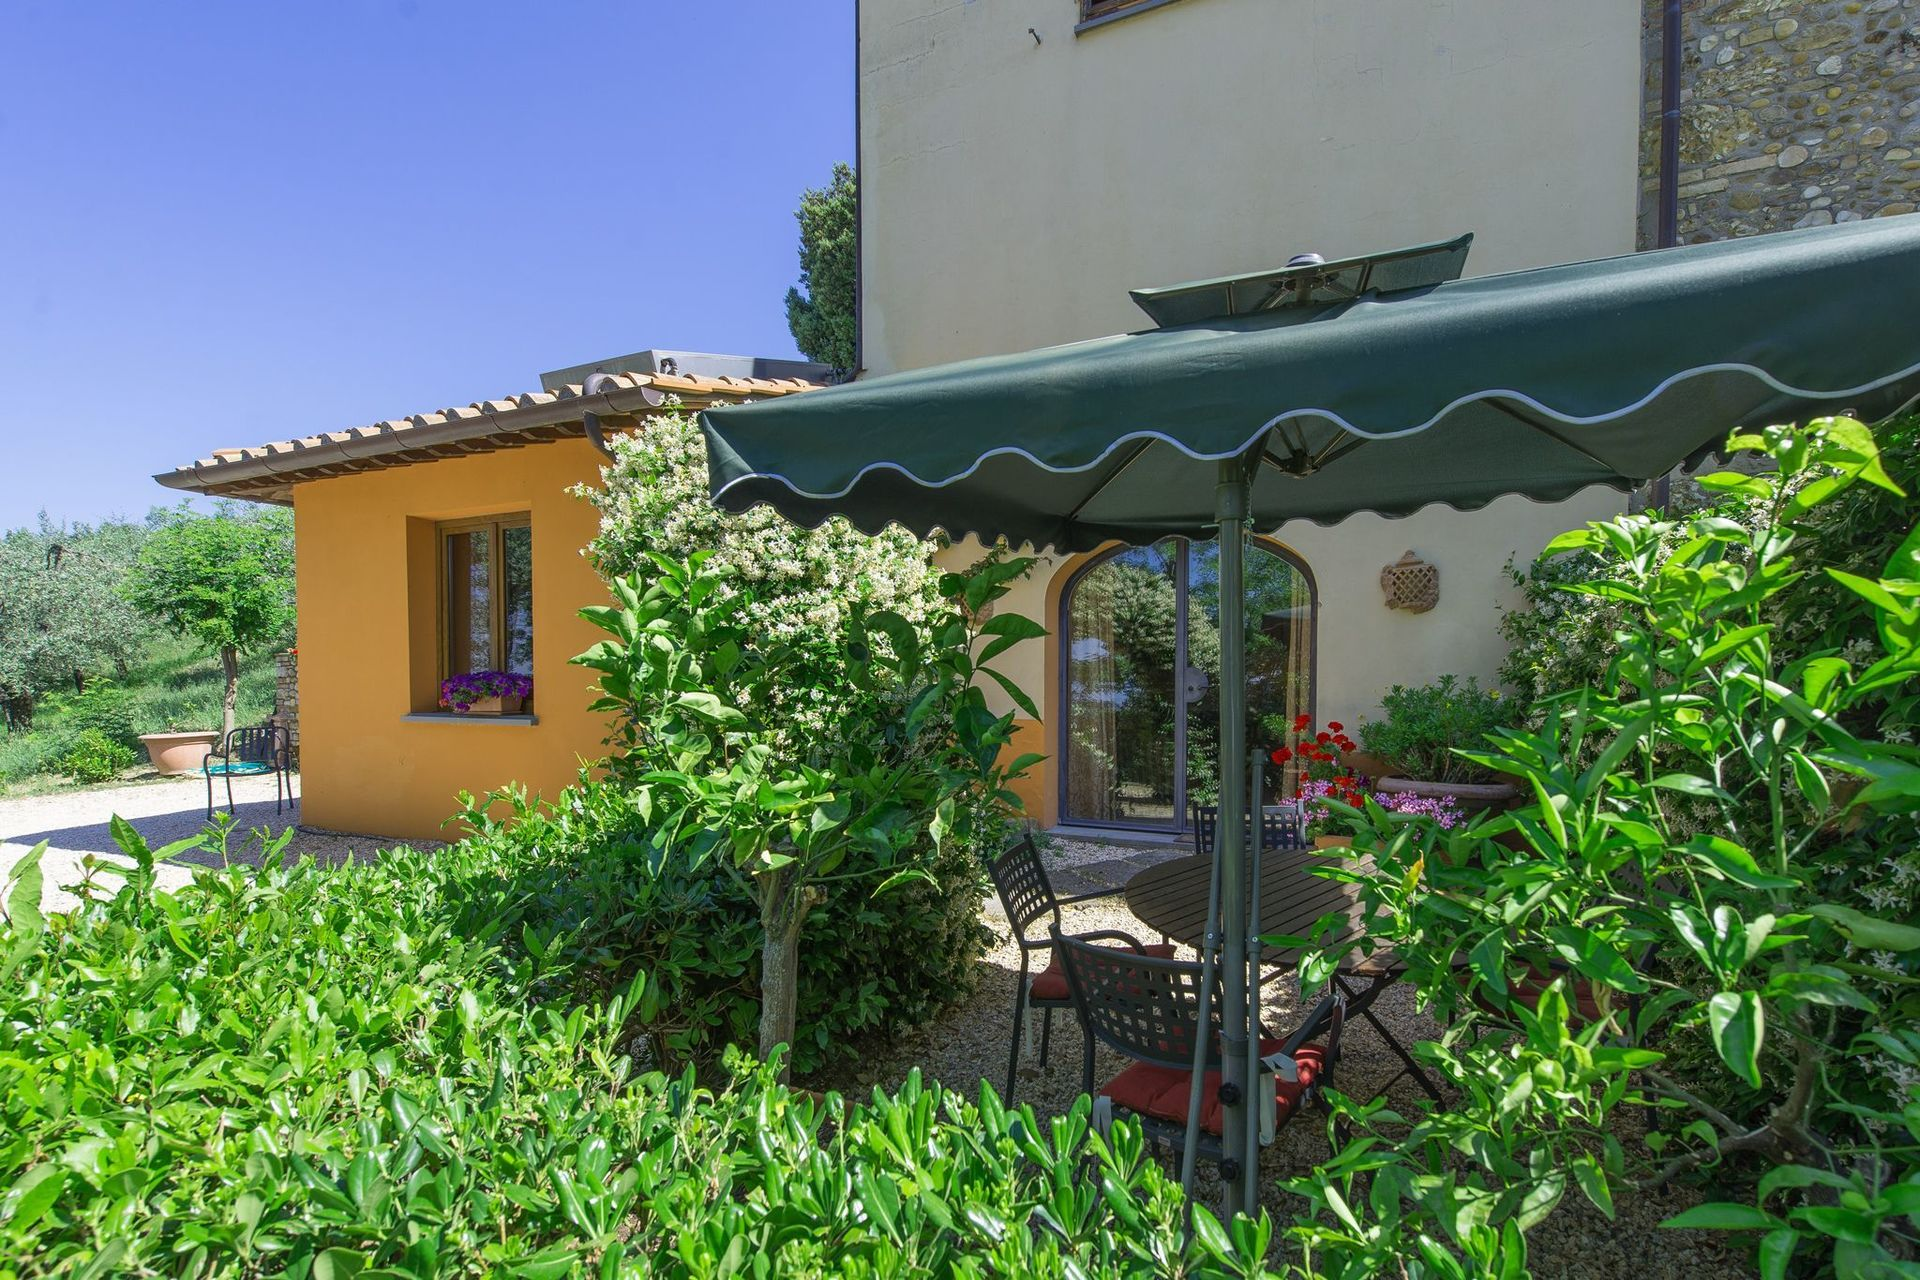 Visconti posti letto 5 in 2 camere casa vacanza a for 5 camere da letto 4 bagni